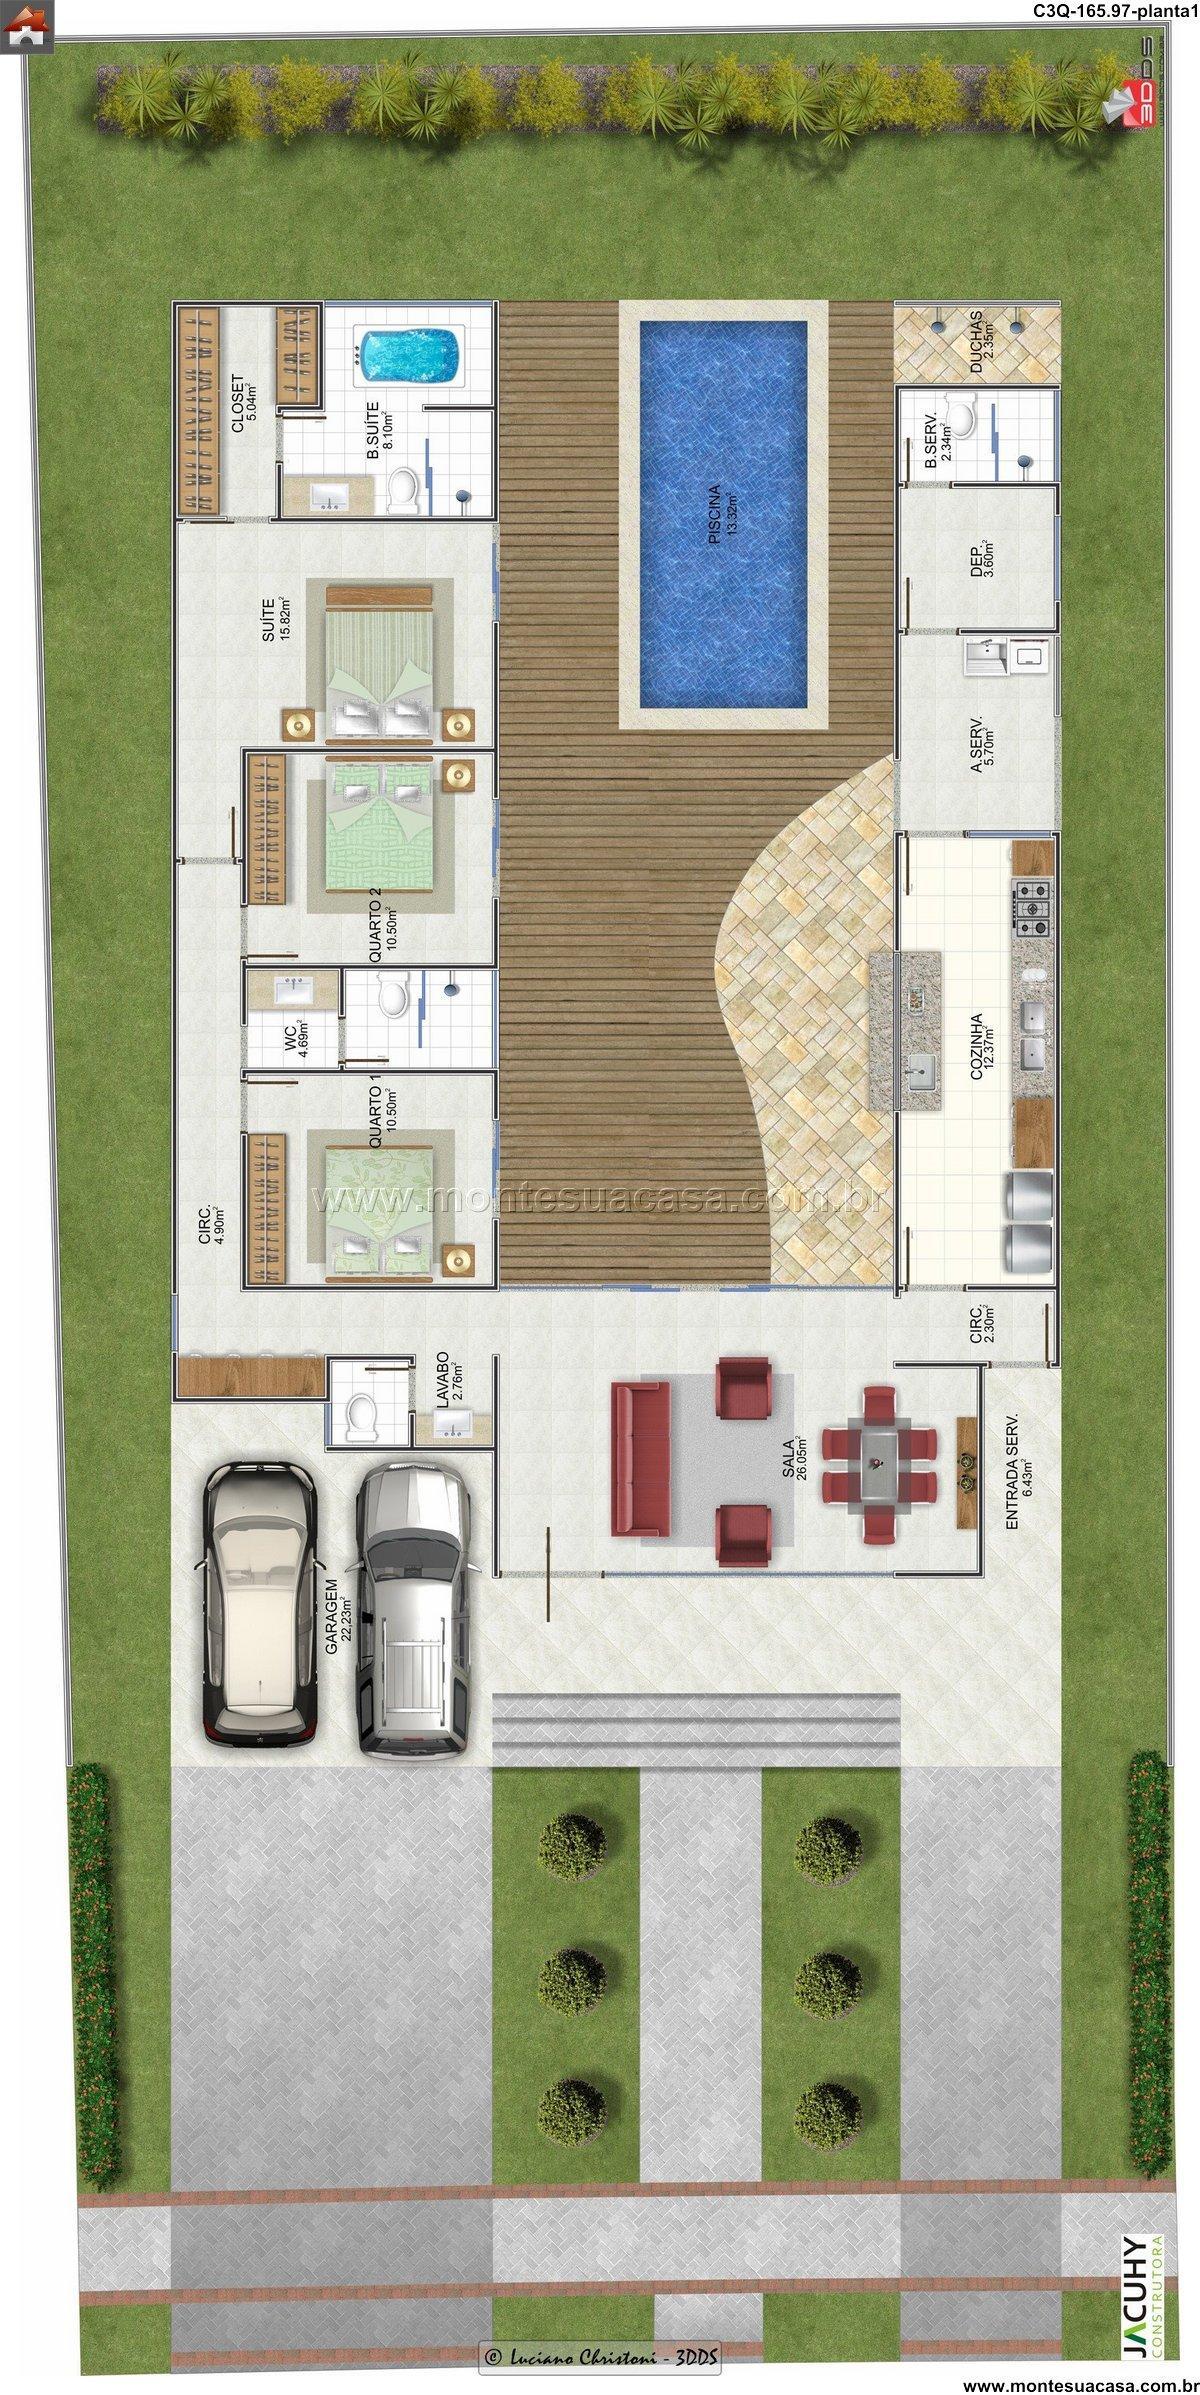 Casa 2 Quartos - 165.97m²